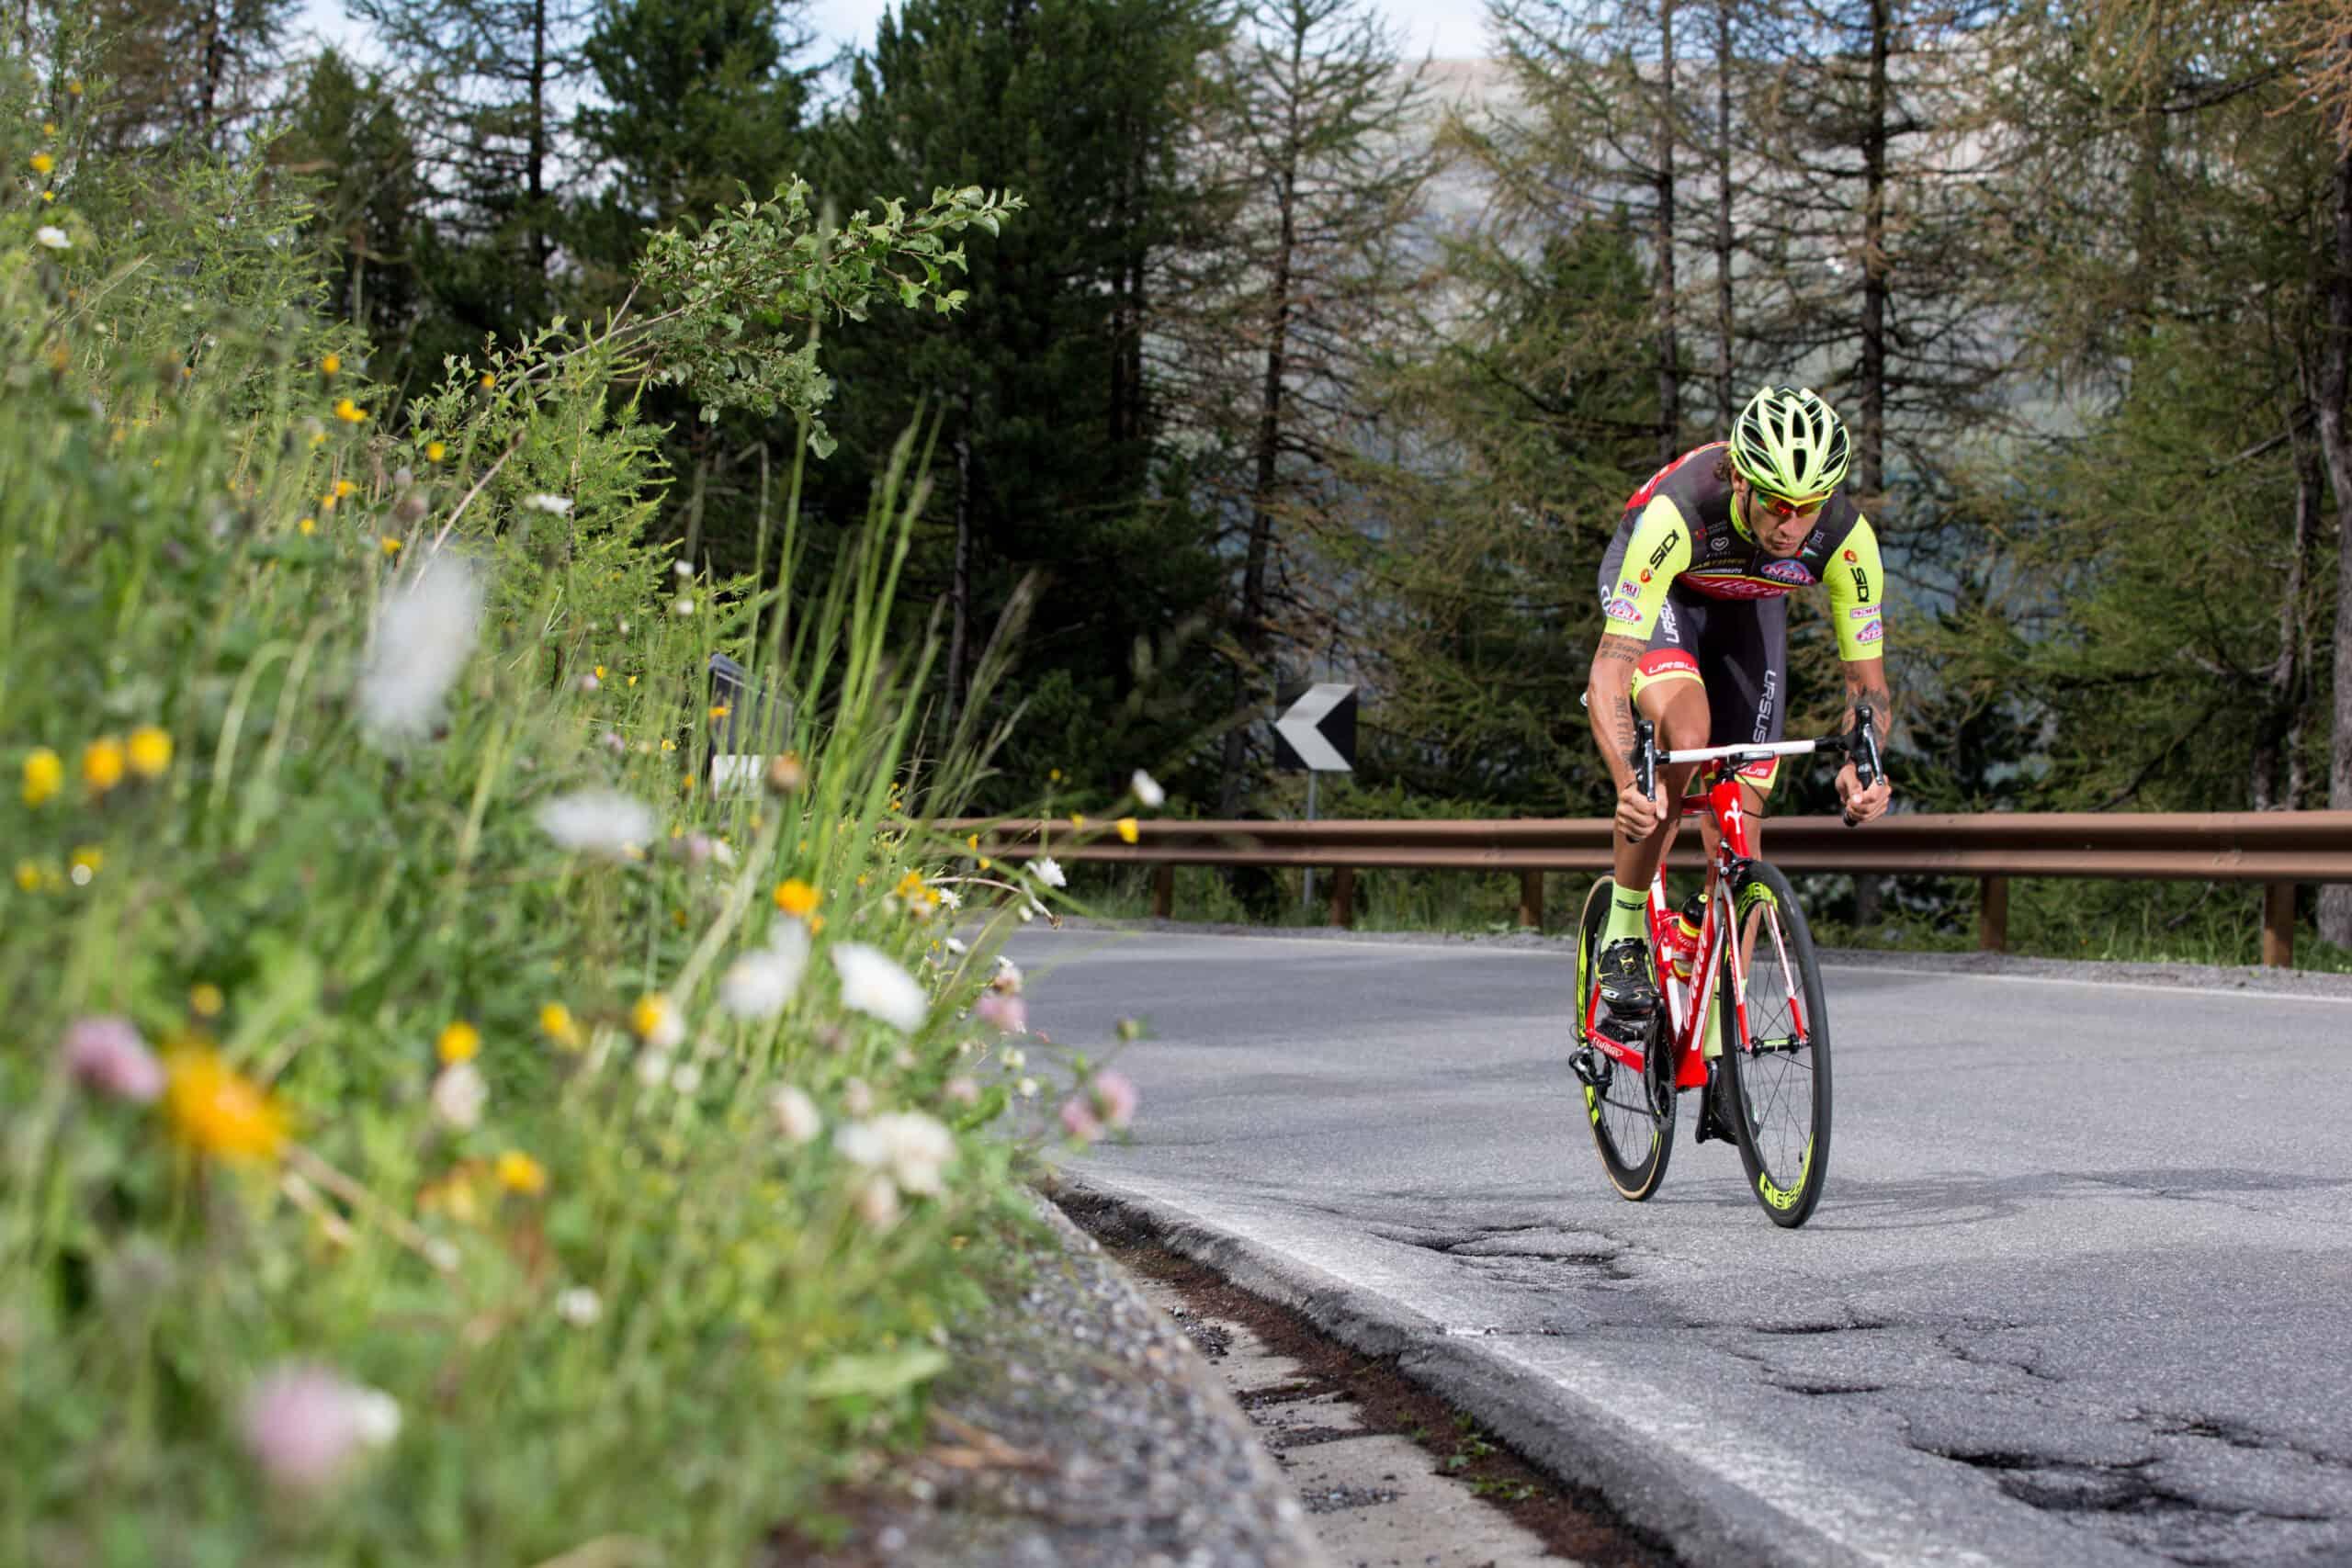 PROGRAMMA ROAD BIKE TOUR A Livigno -1